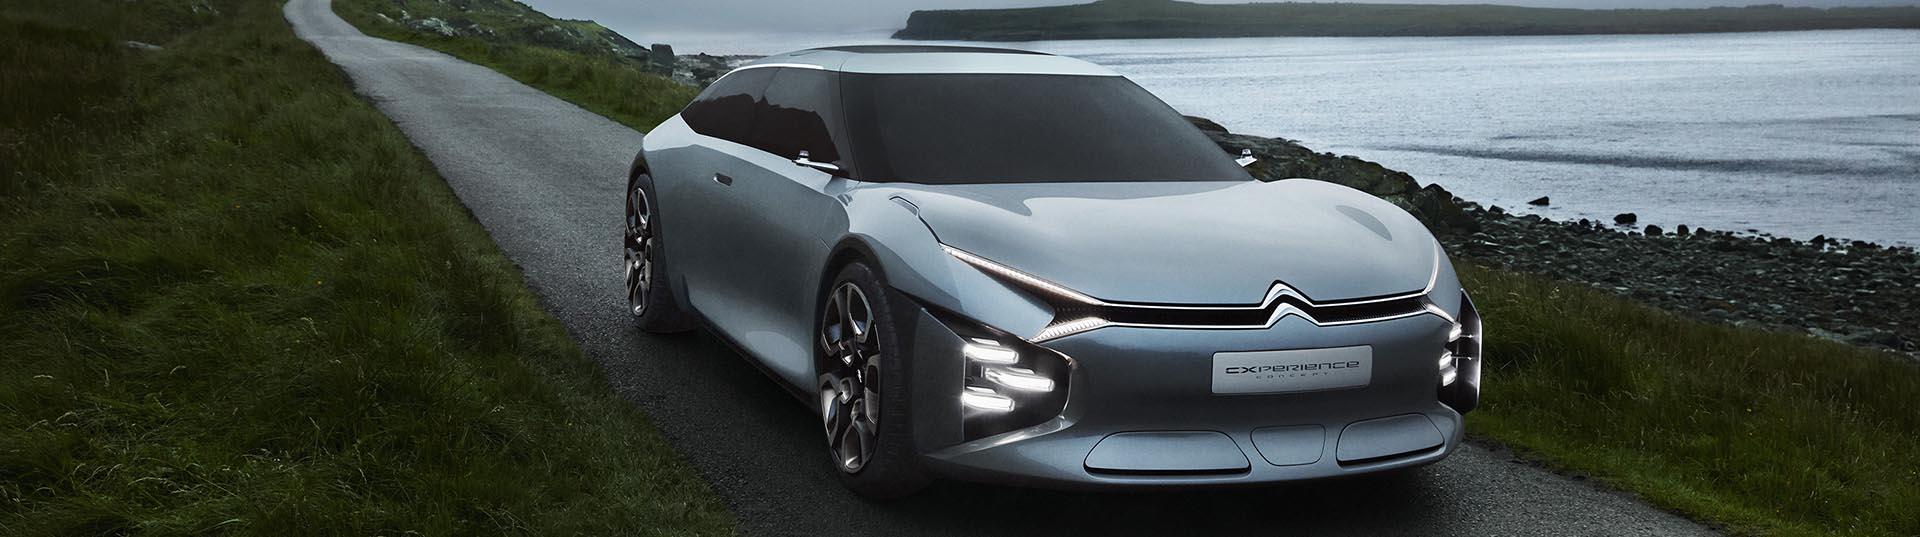 Experience concept, o topo de gama segundo a Citroën